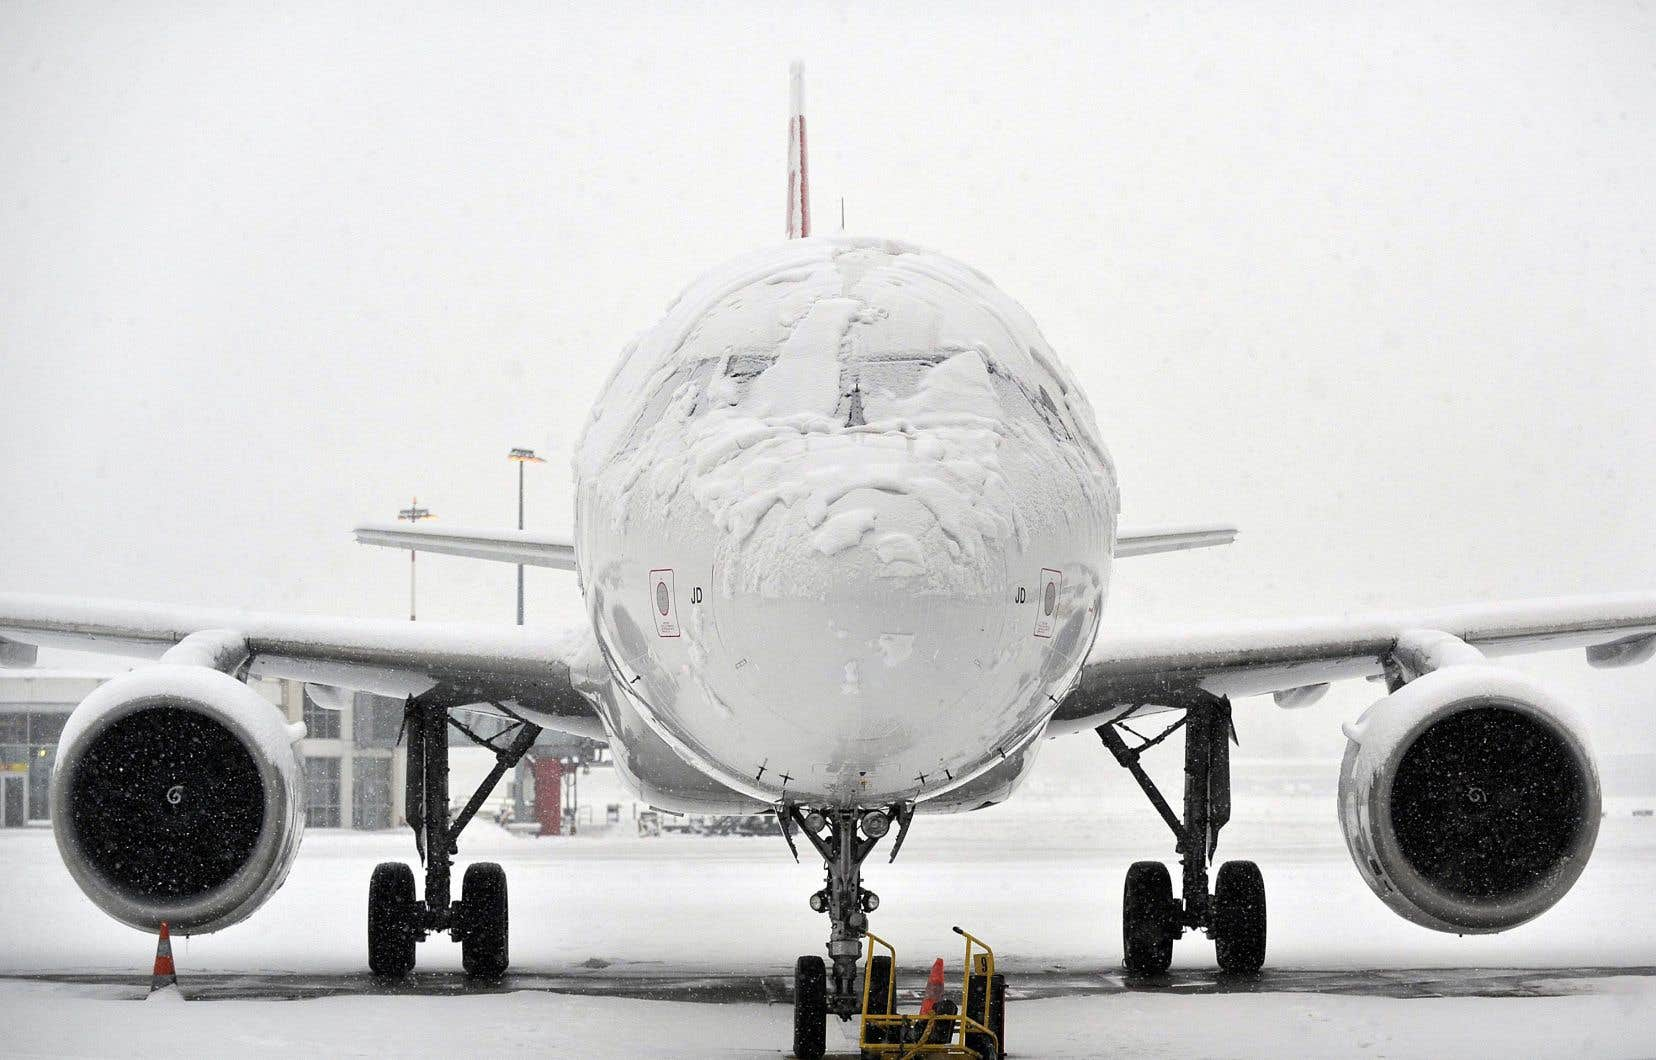 Les conditions météorologiques constituent le plus grand défi d'apprentissage de chaque pilote, avance la présidente du Bureau de la sécurité des transports du Canada, Kathy Fox.